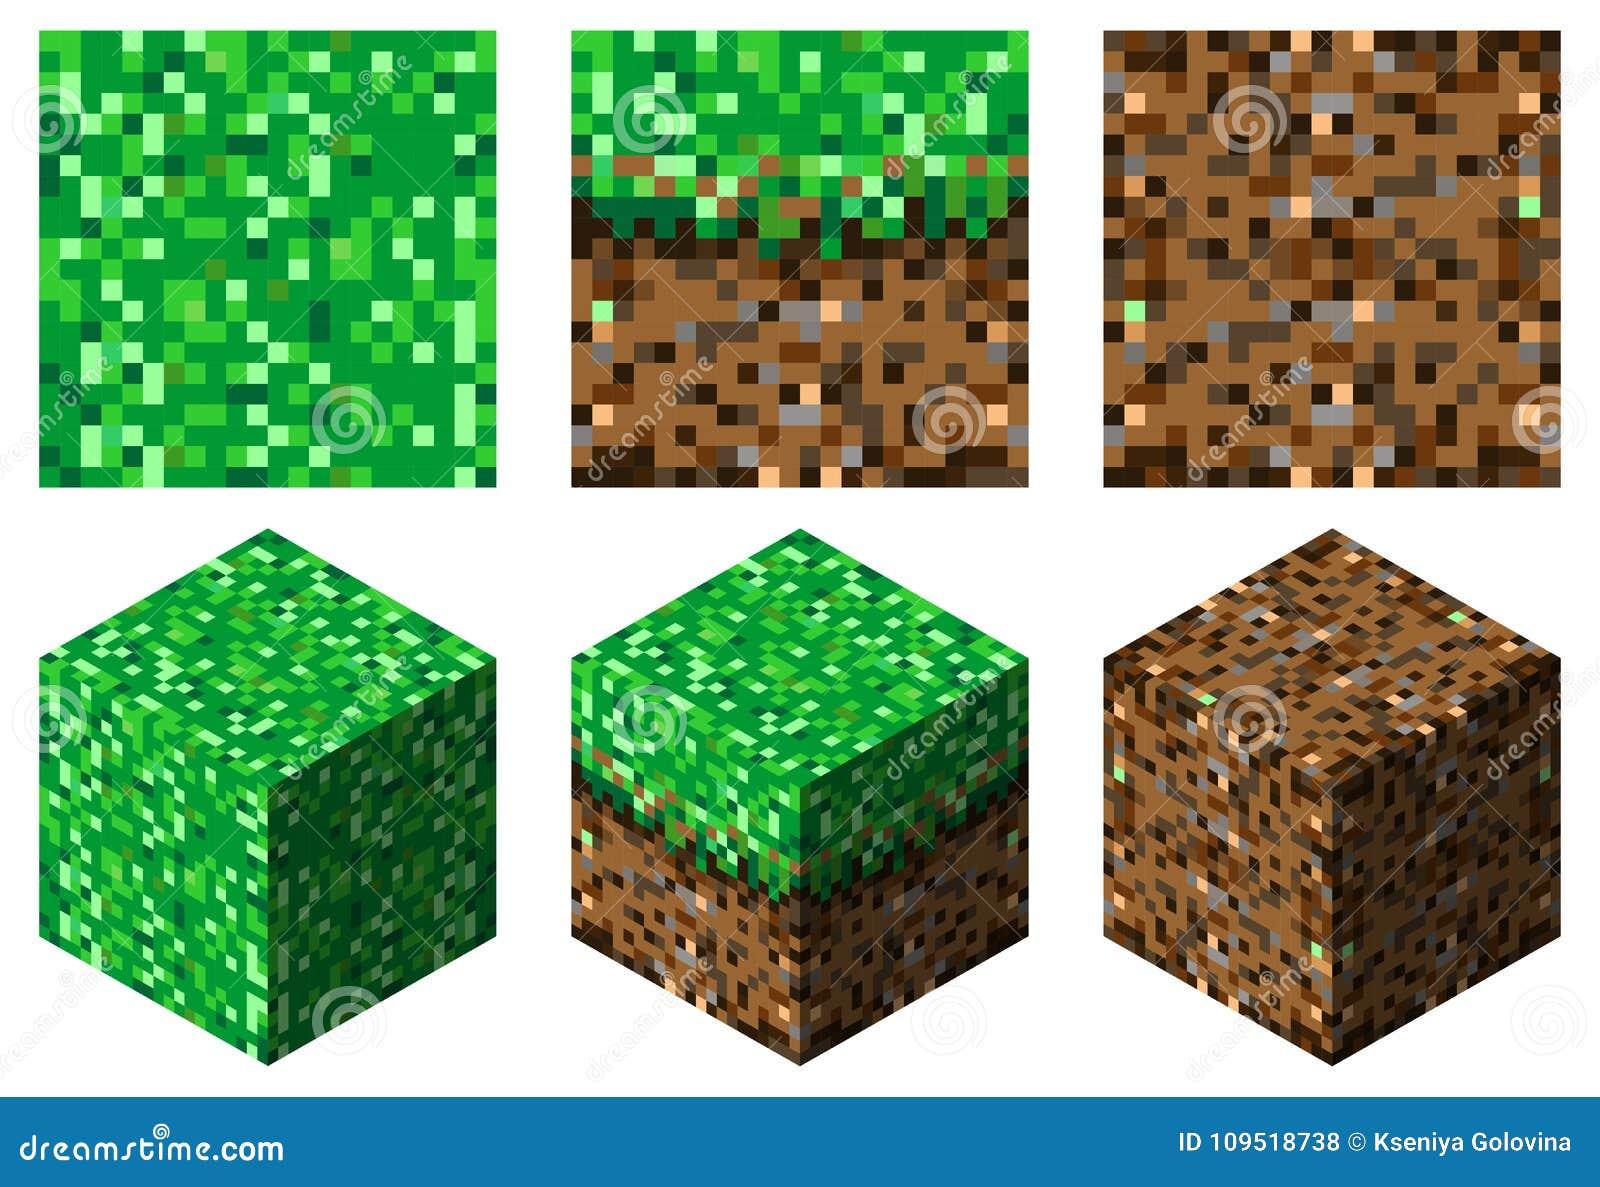 Tekstury i sześciany w minecraft brown ziemi i trawie